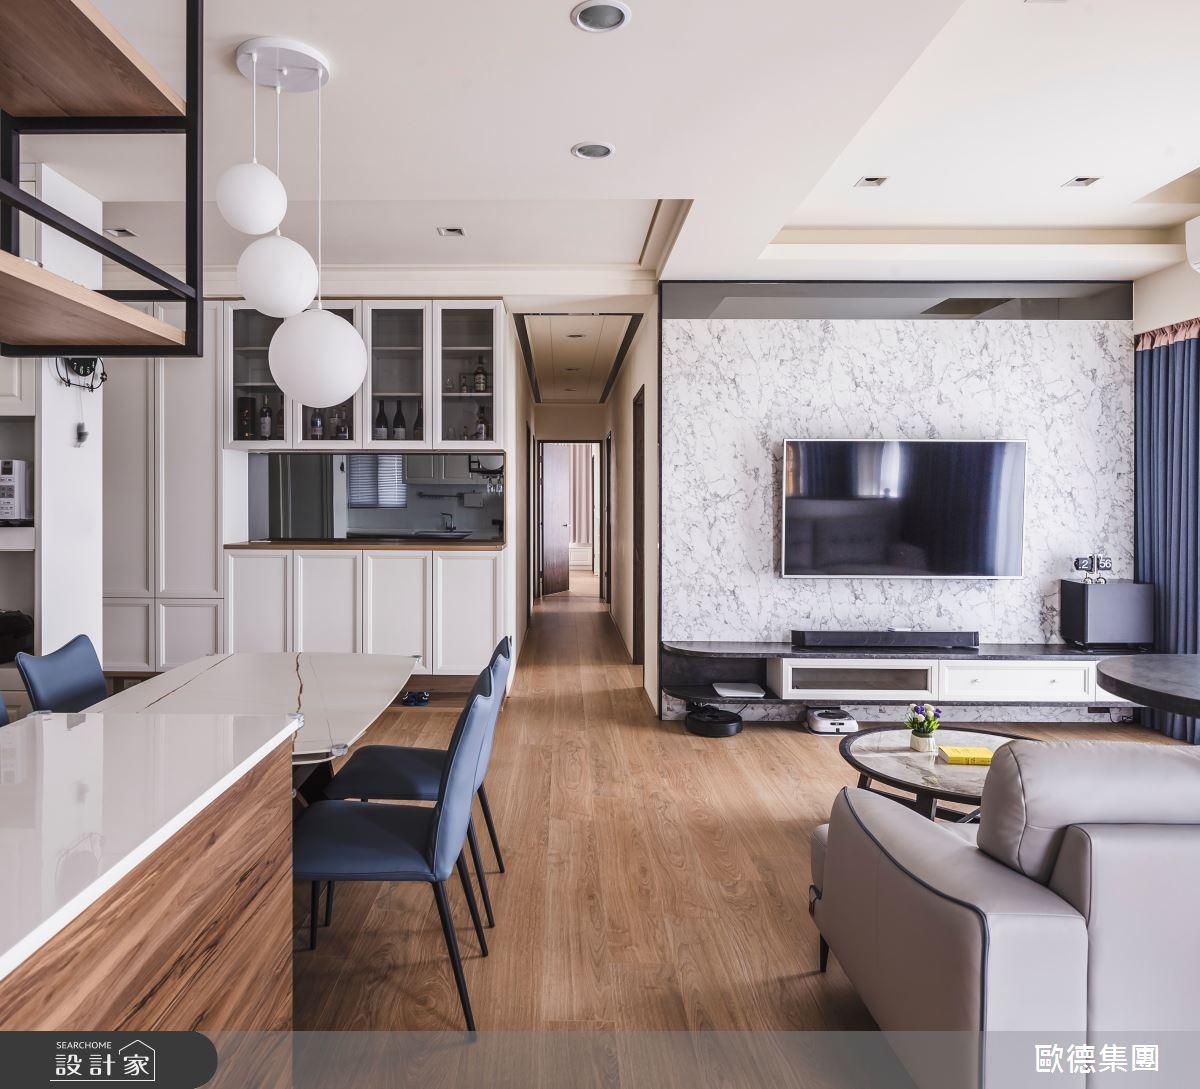 40坪新成屋(5年以下)_混搭風餐廳案例圖片_台灣歐德傢俱股份有限公司_歐德_129之14